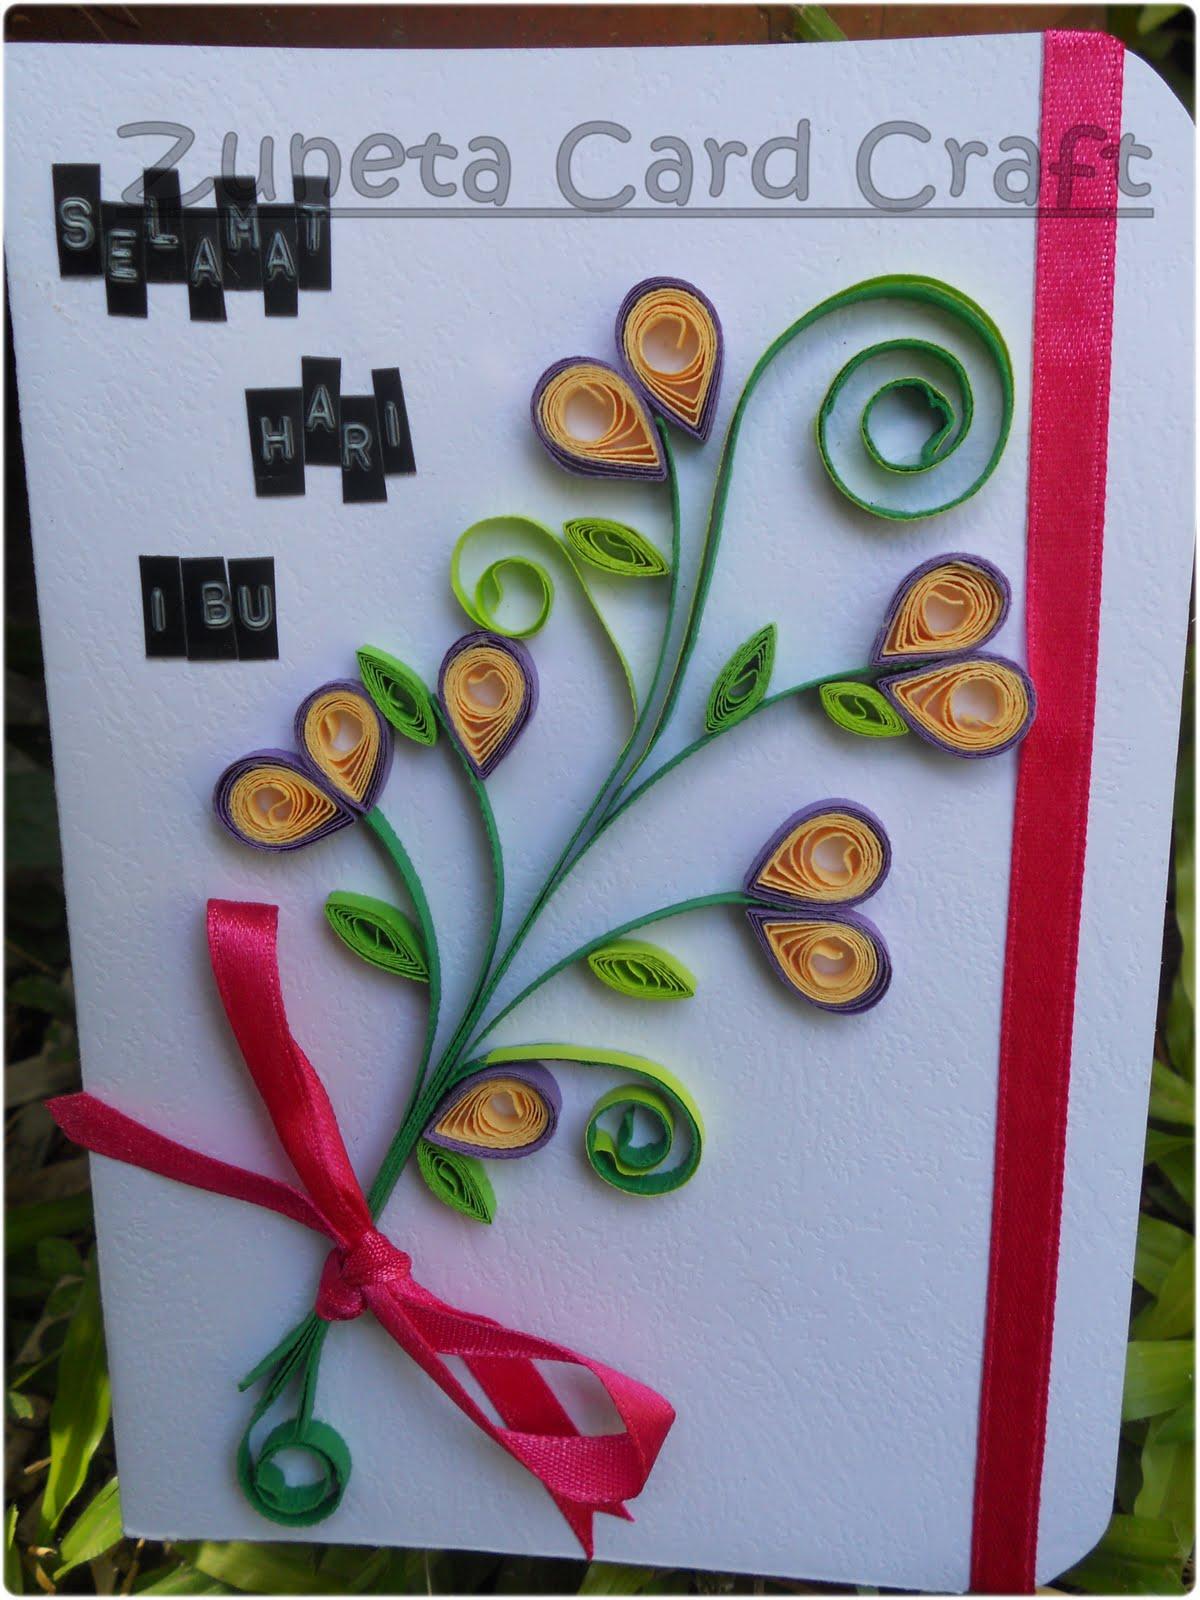 Zuneta Card Craft Kad 024 Selamat Hari Ibu